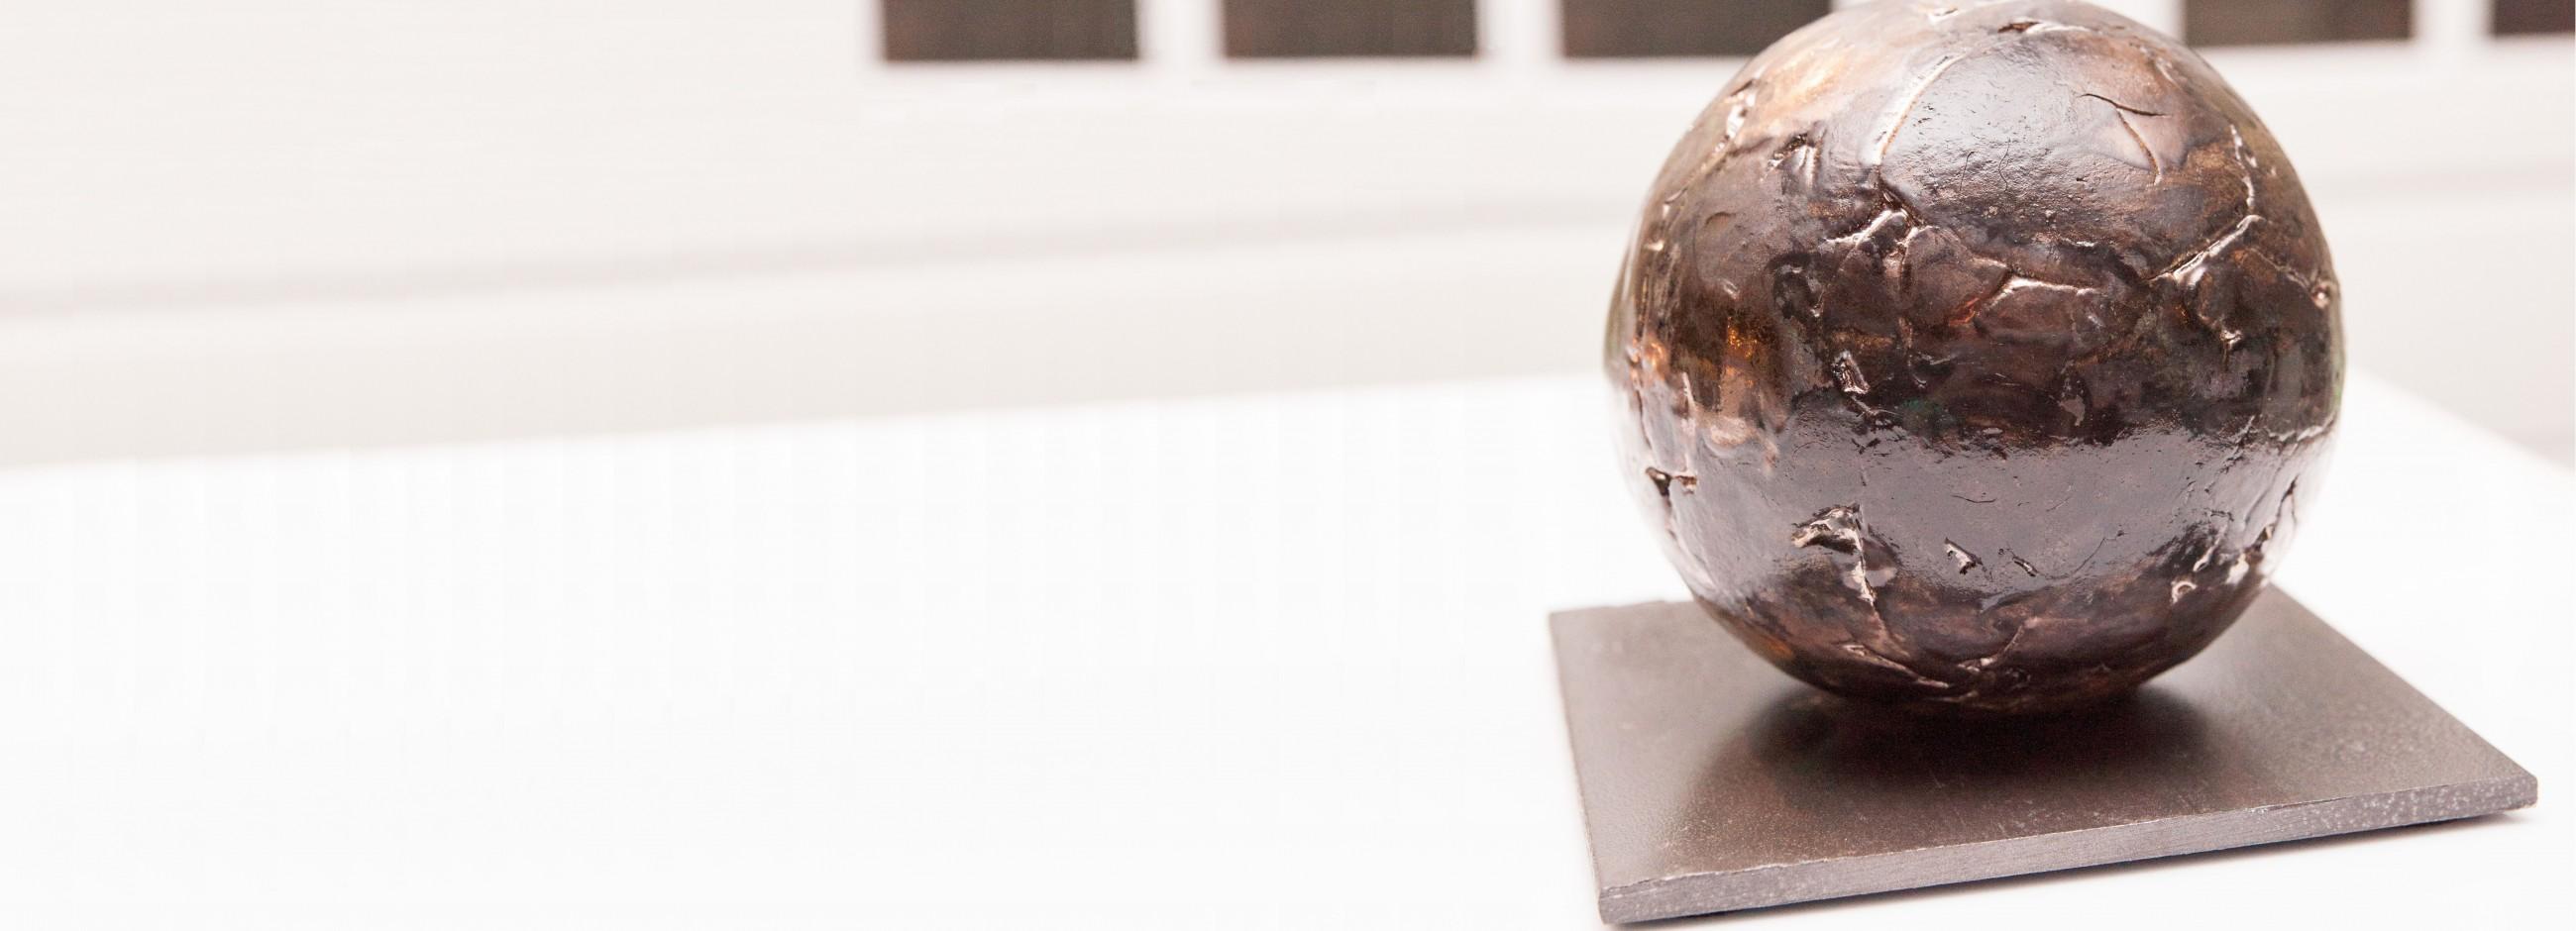 Coronalert bekroond als Beste Project tijdens eGov Awards 2020